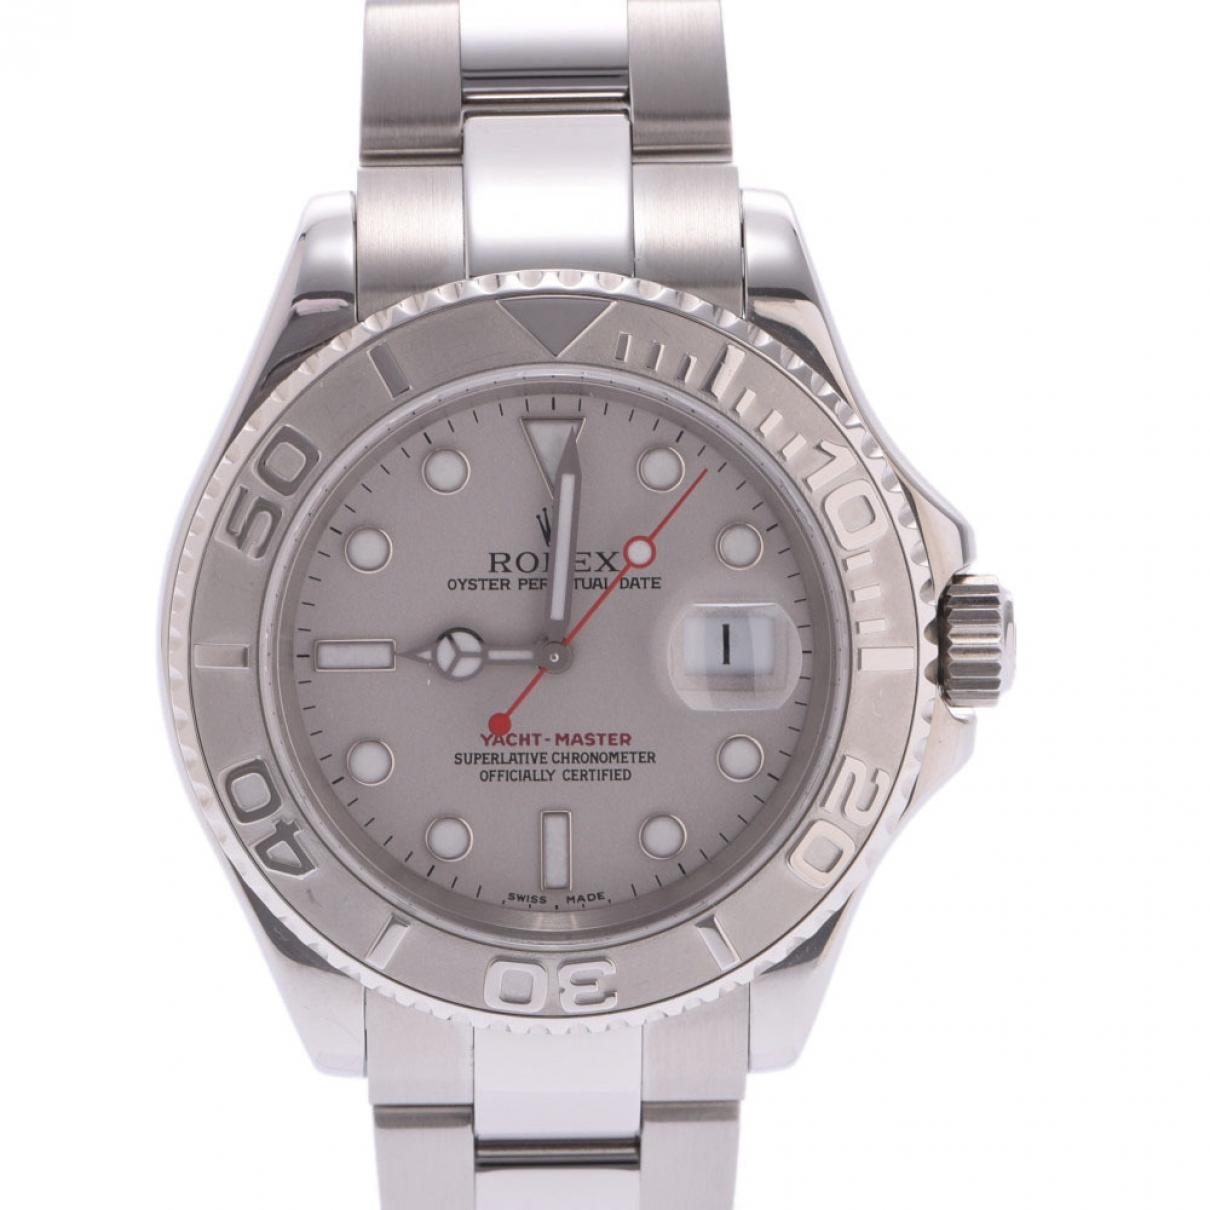 Rolex Yacht-Master Uhr in Stahl